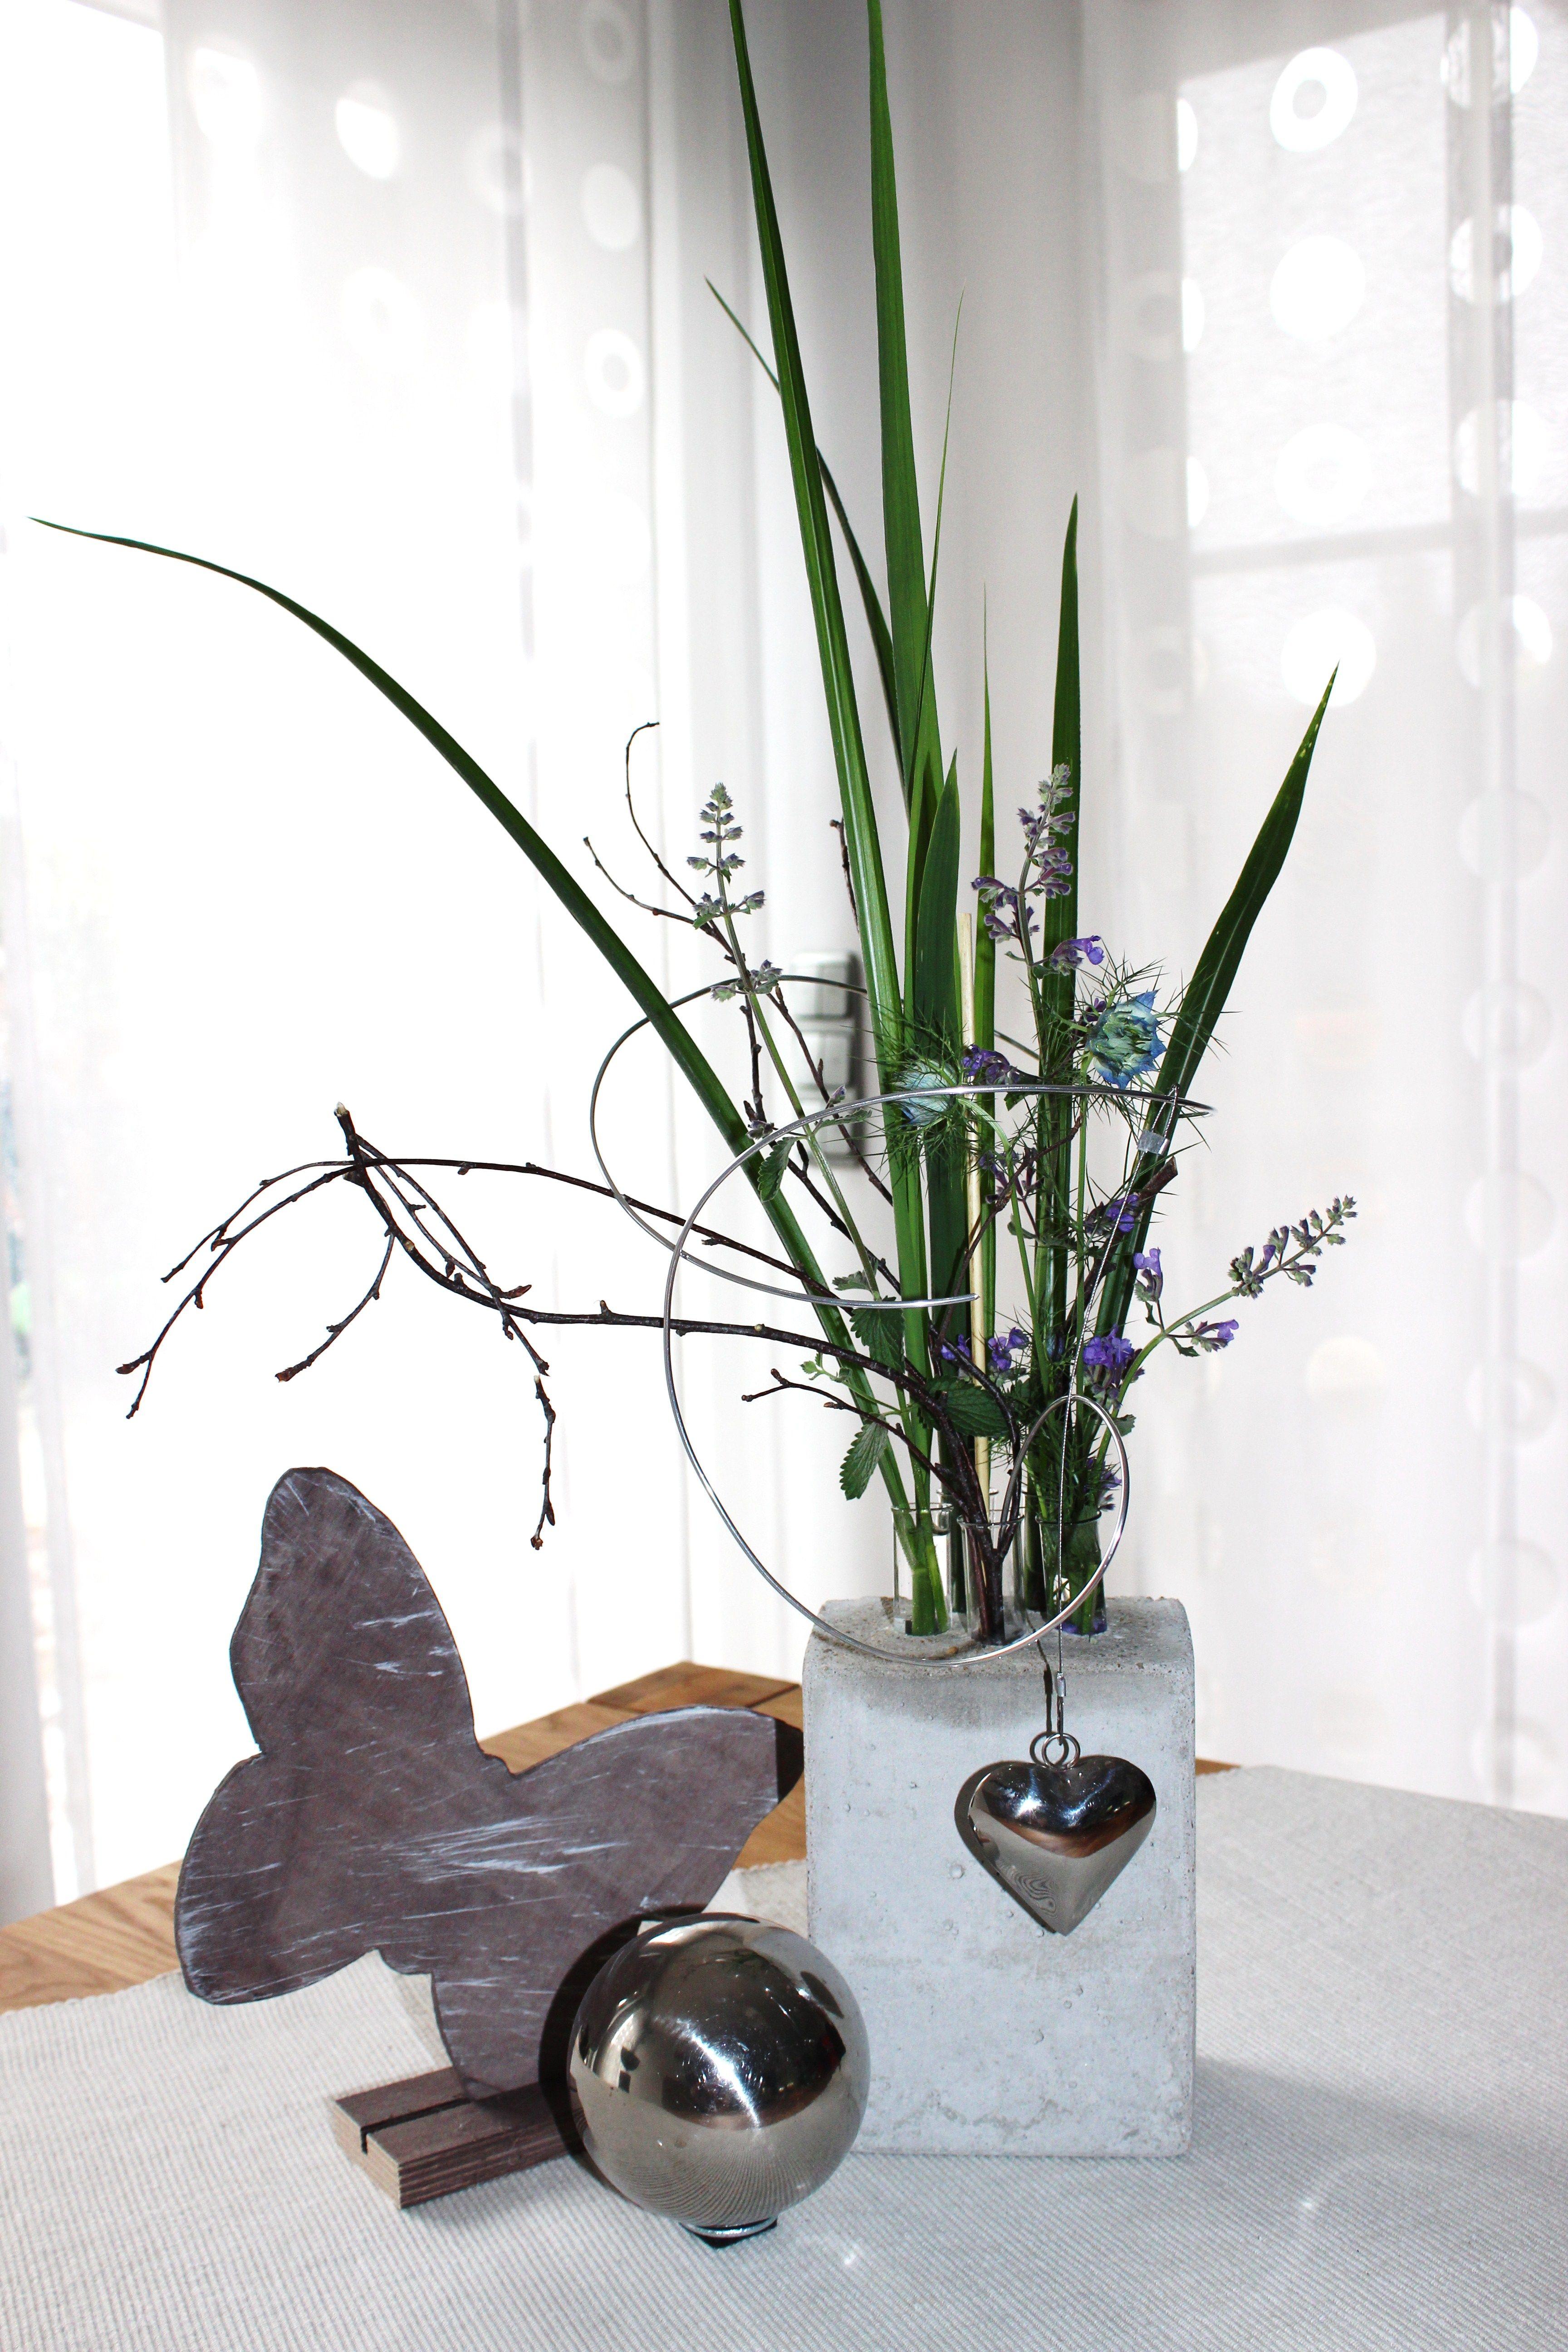 vase aus beton mit reagenzgl ser f r die eigene lieblingsblume incl draht und ein. Black Bedroom Furniture Sets. Home Design Ideas